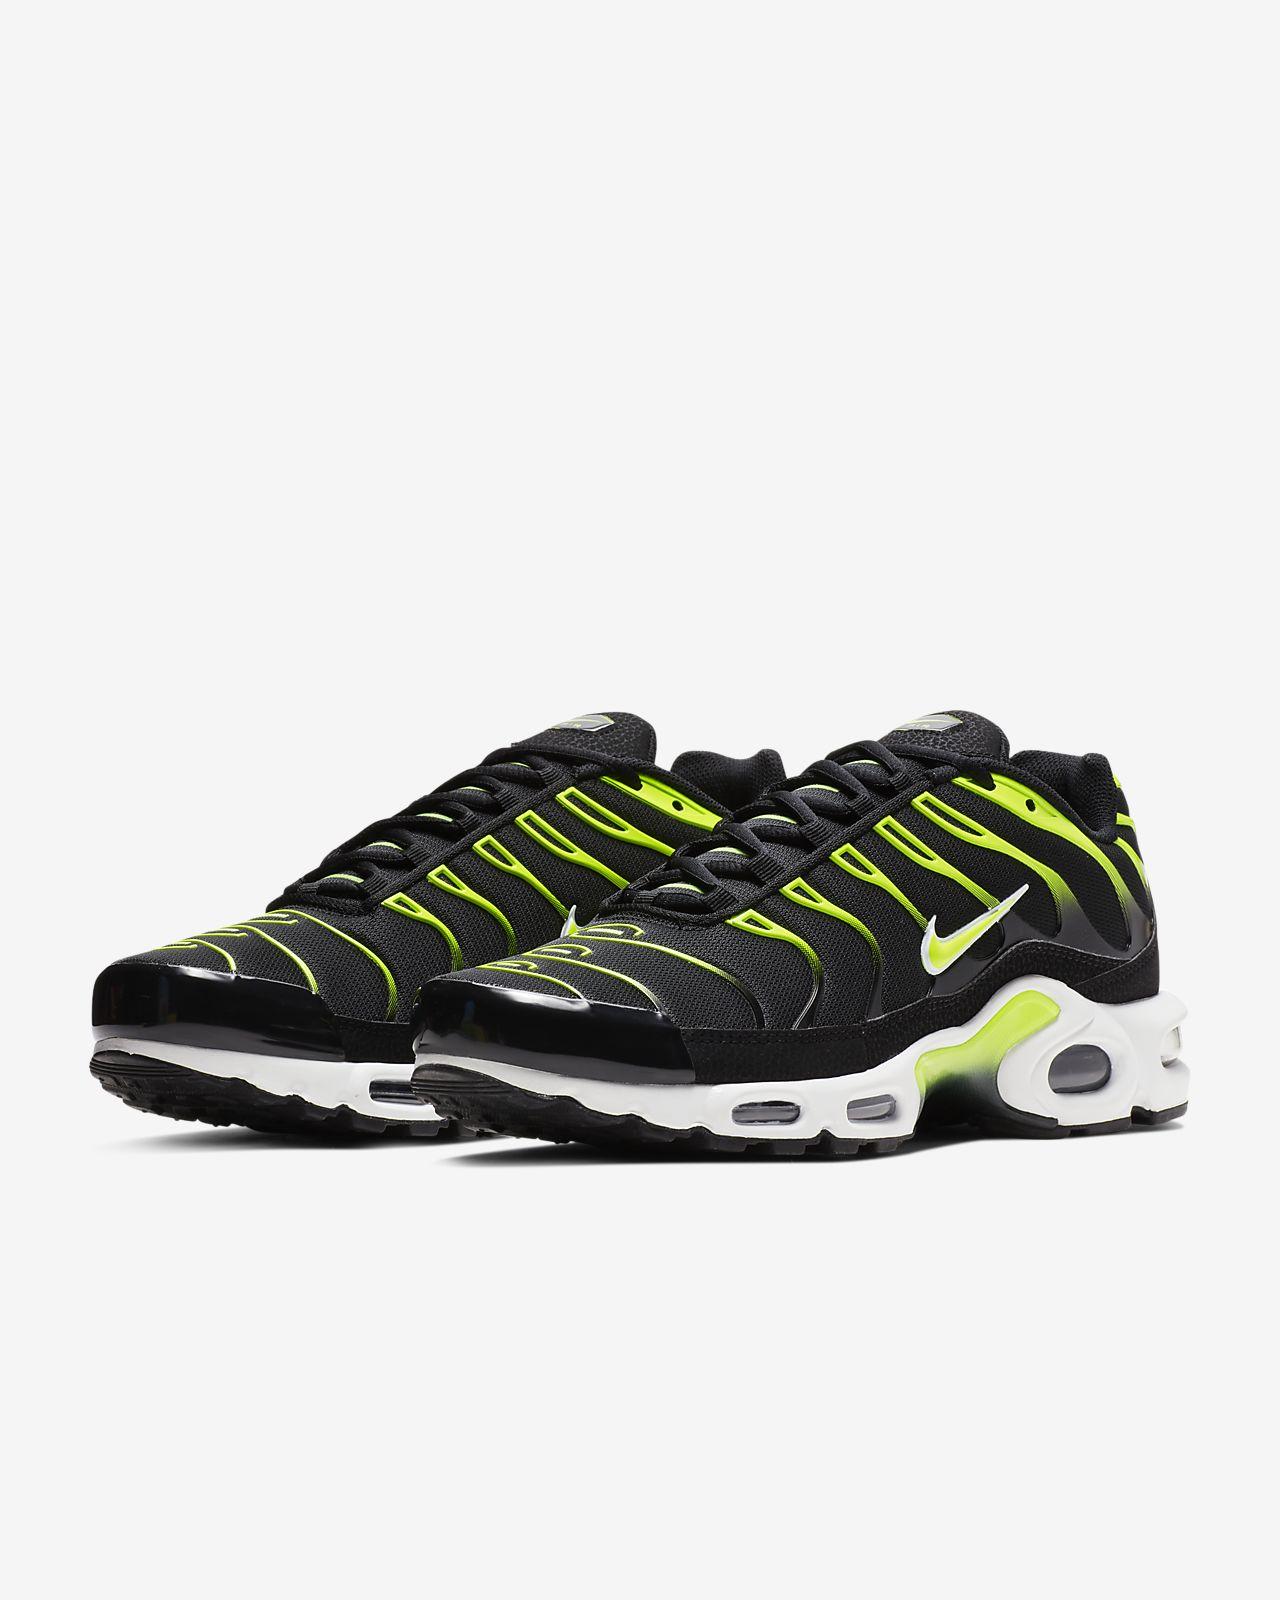 wholesale dealer 4c55e 1f2b1 ... Chaussure Nike Air Max Plus pour Homme